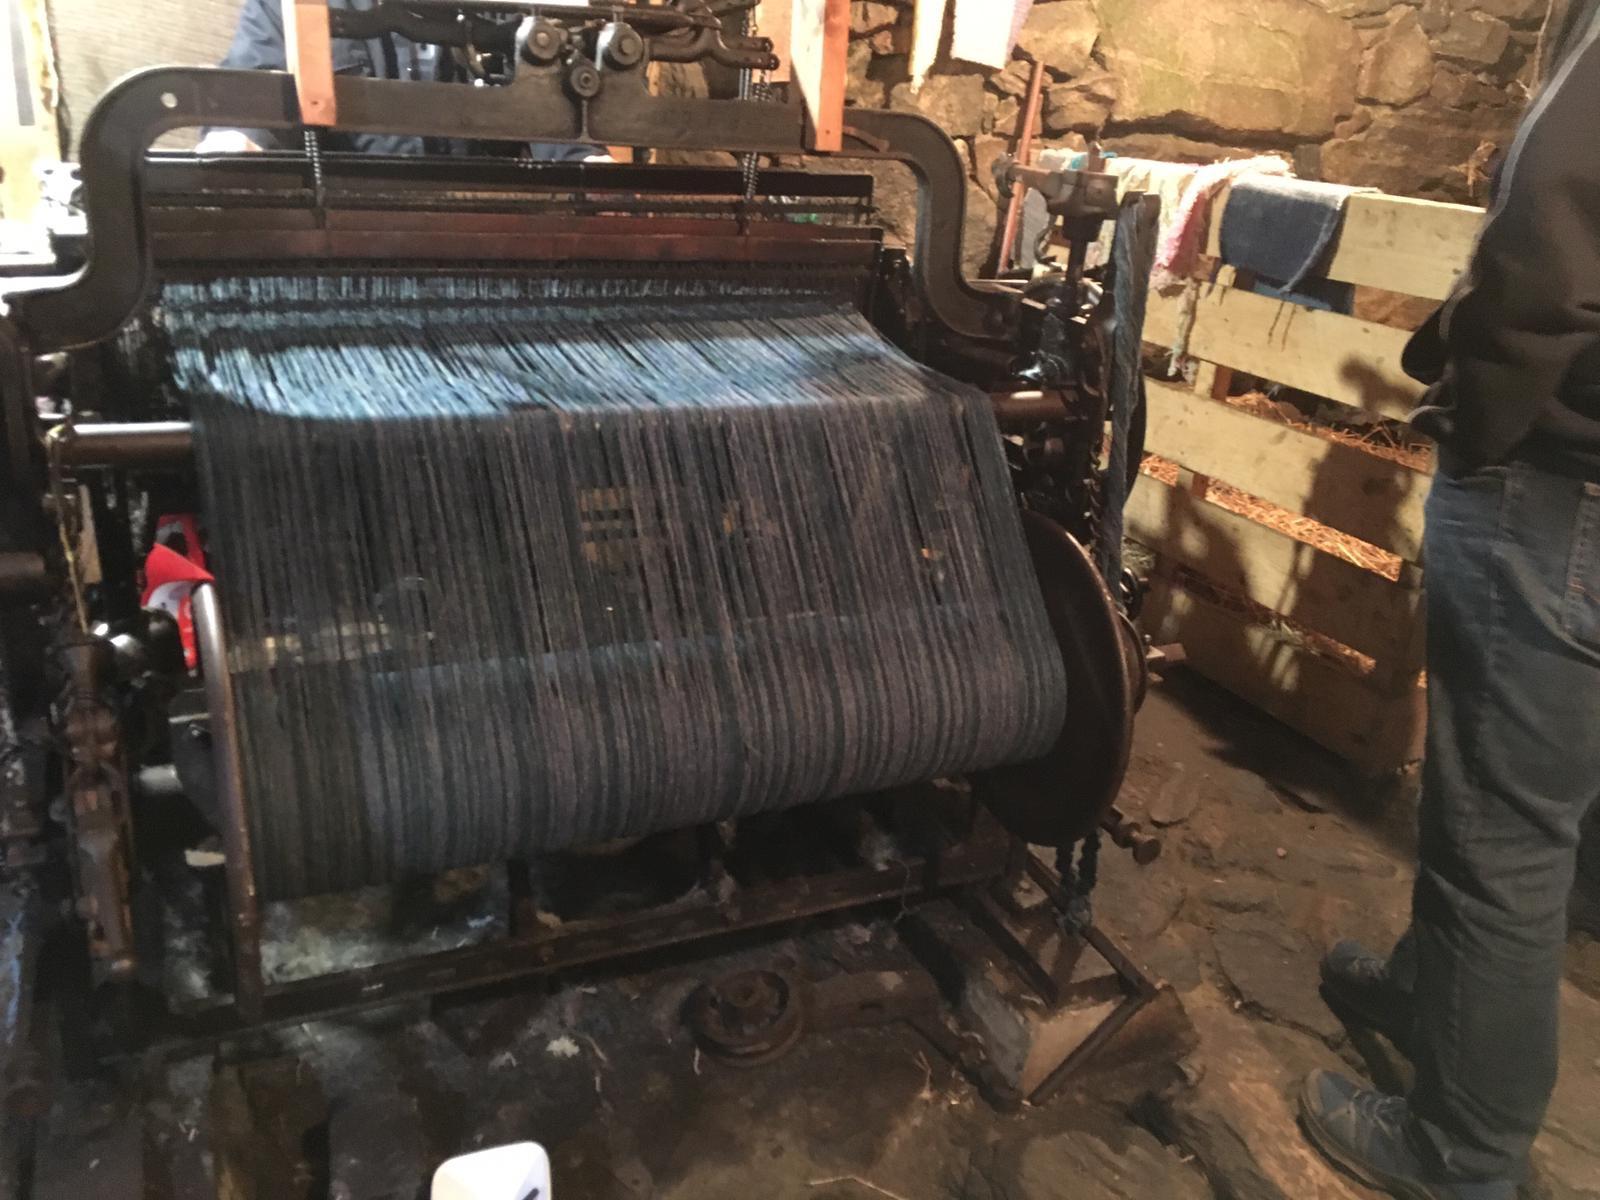 Der ca. 100 Jahre alte Hattersley Loom